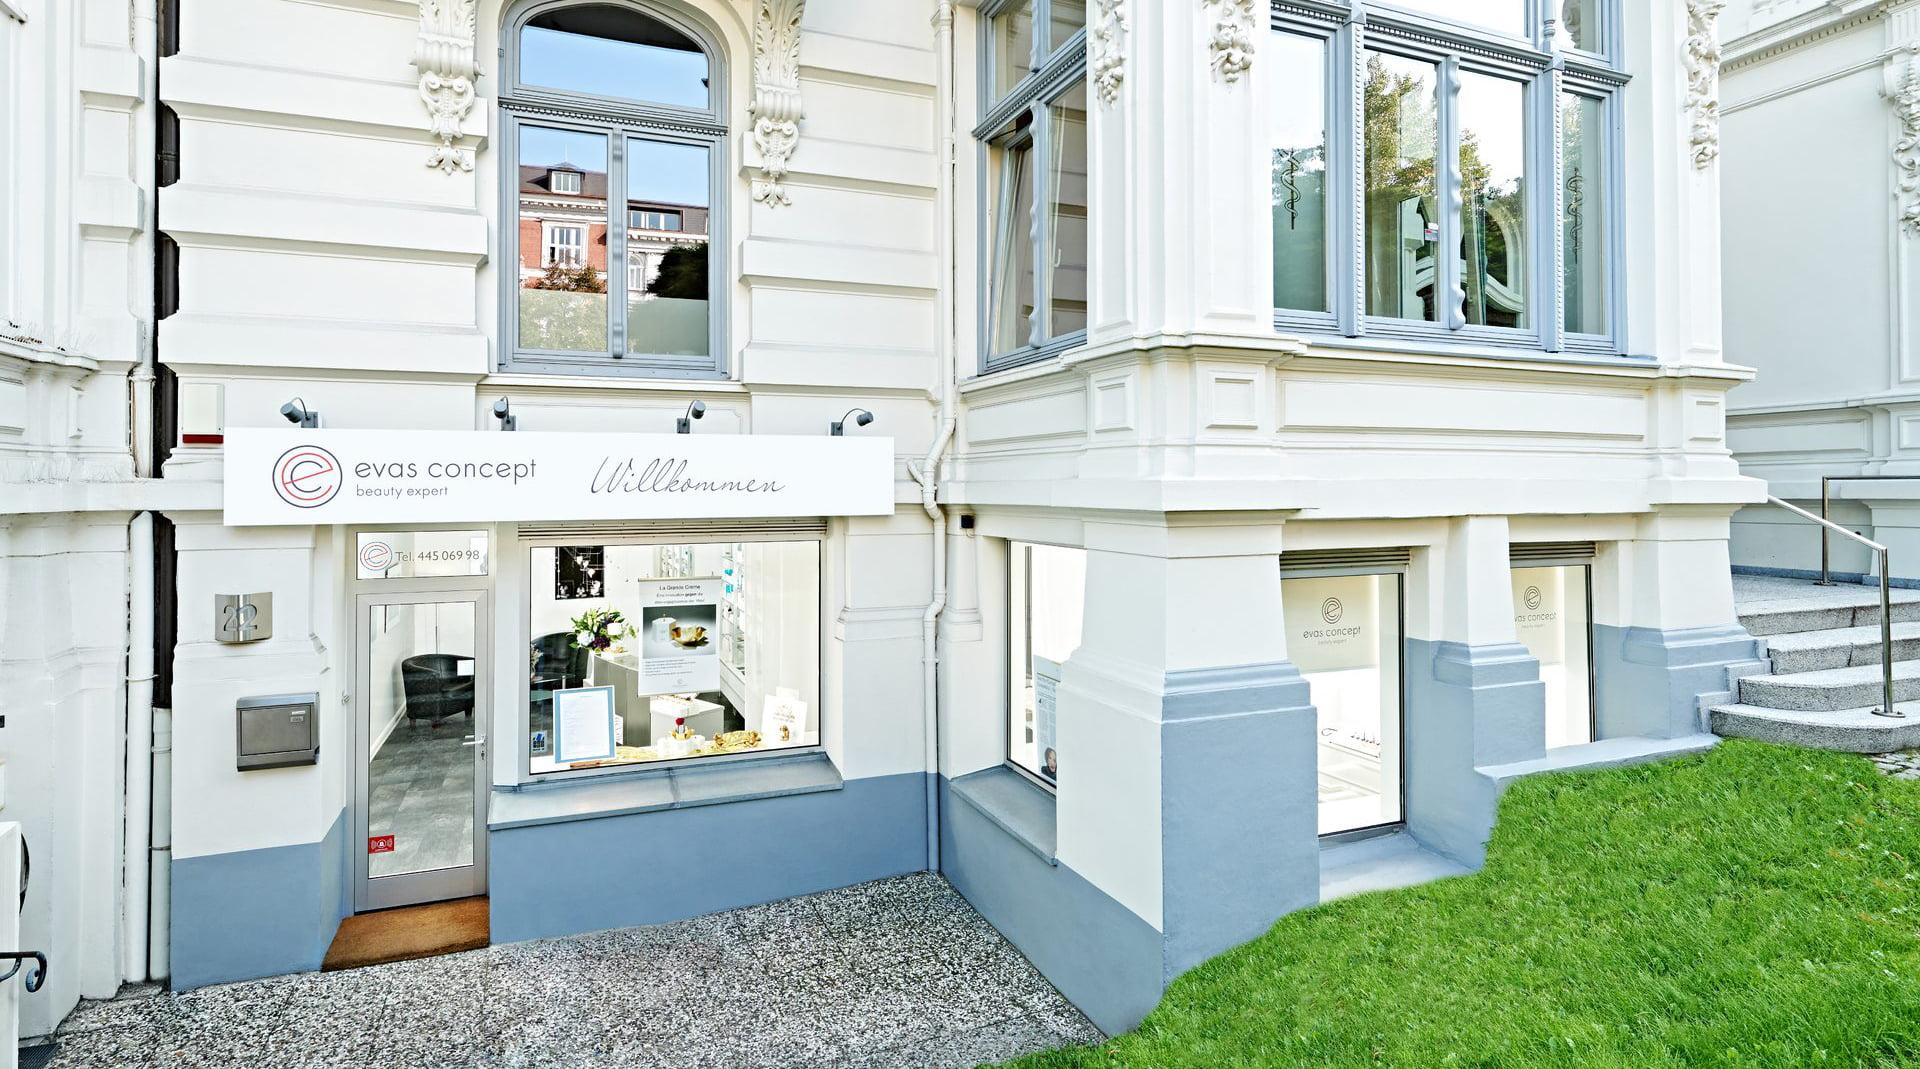 Außenfassade von evas concept in Hamburg